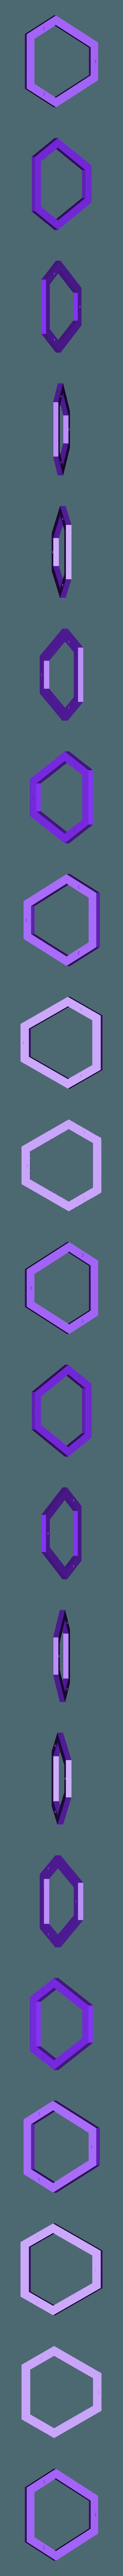 Part 1.stl Télécharger fichier STL gratuit Jardinières Mold béton • Modèle pour imprimante 3D, dukedoks